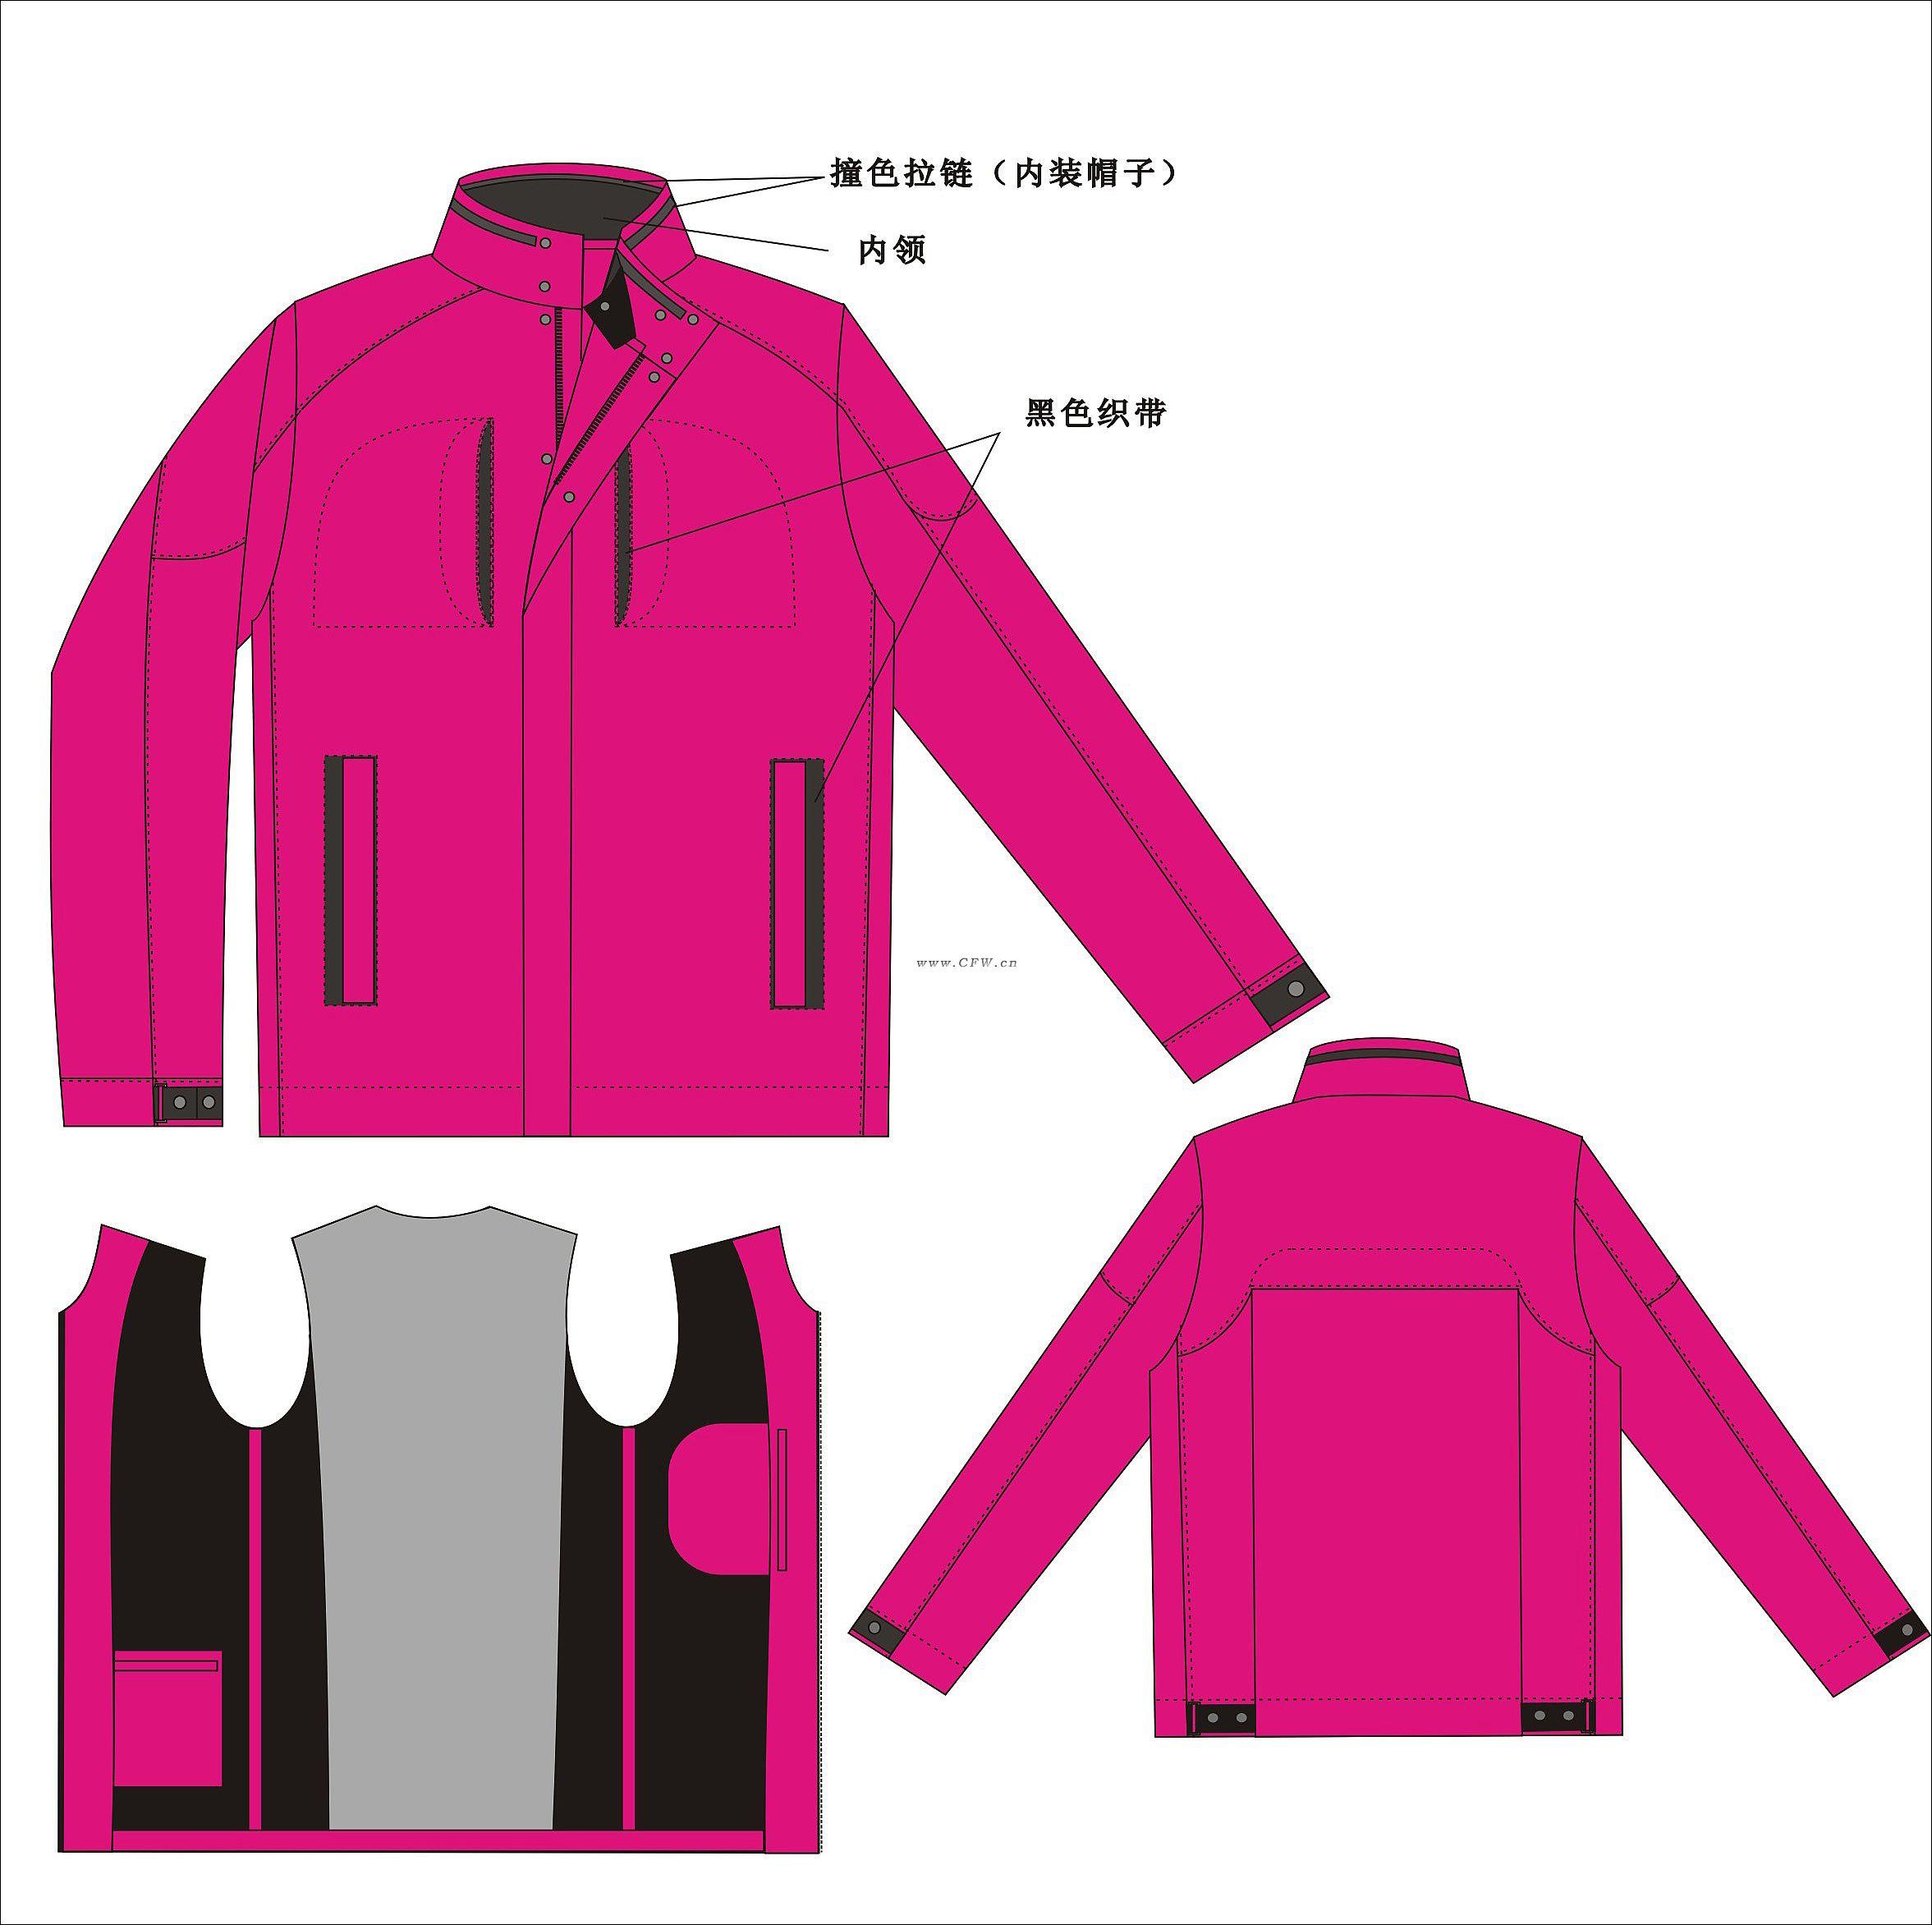 服装 设计 矢量 矢量图 素材 运动衣 2353_2344